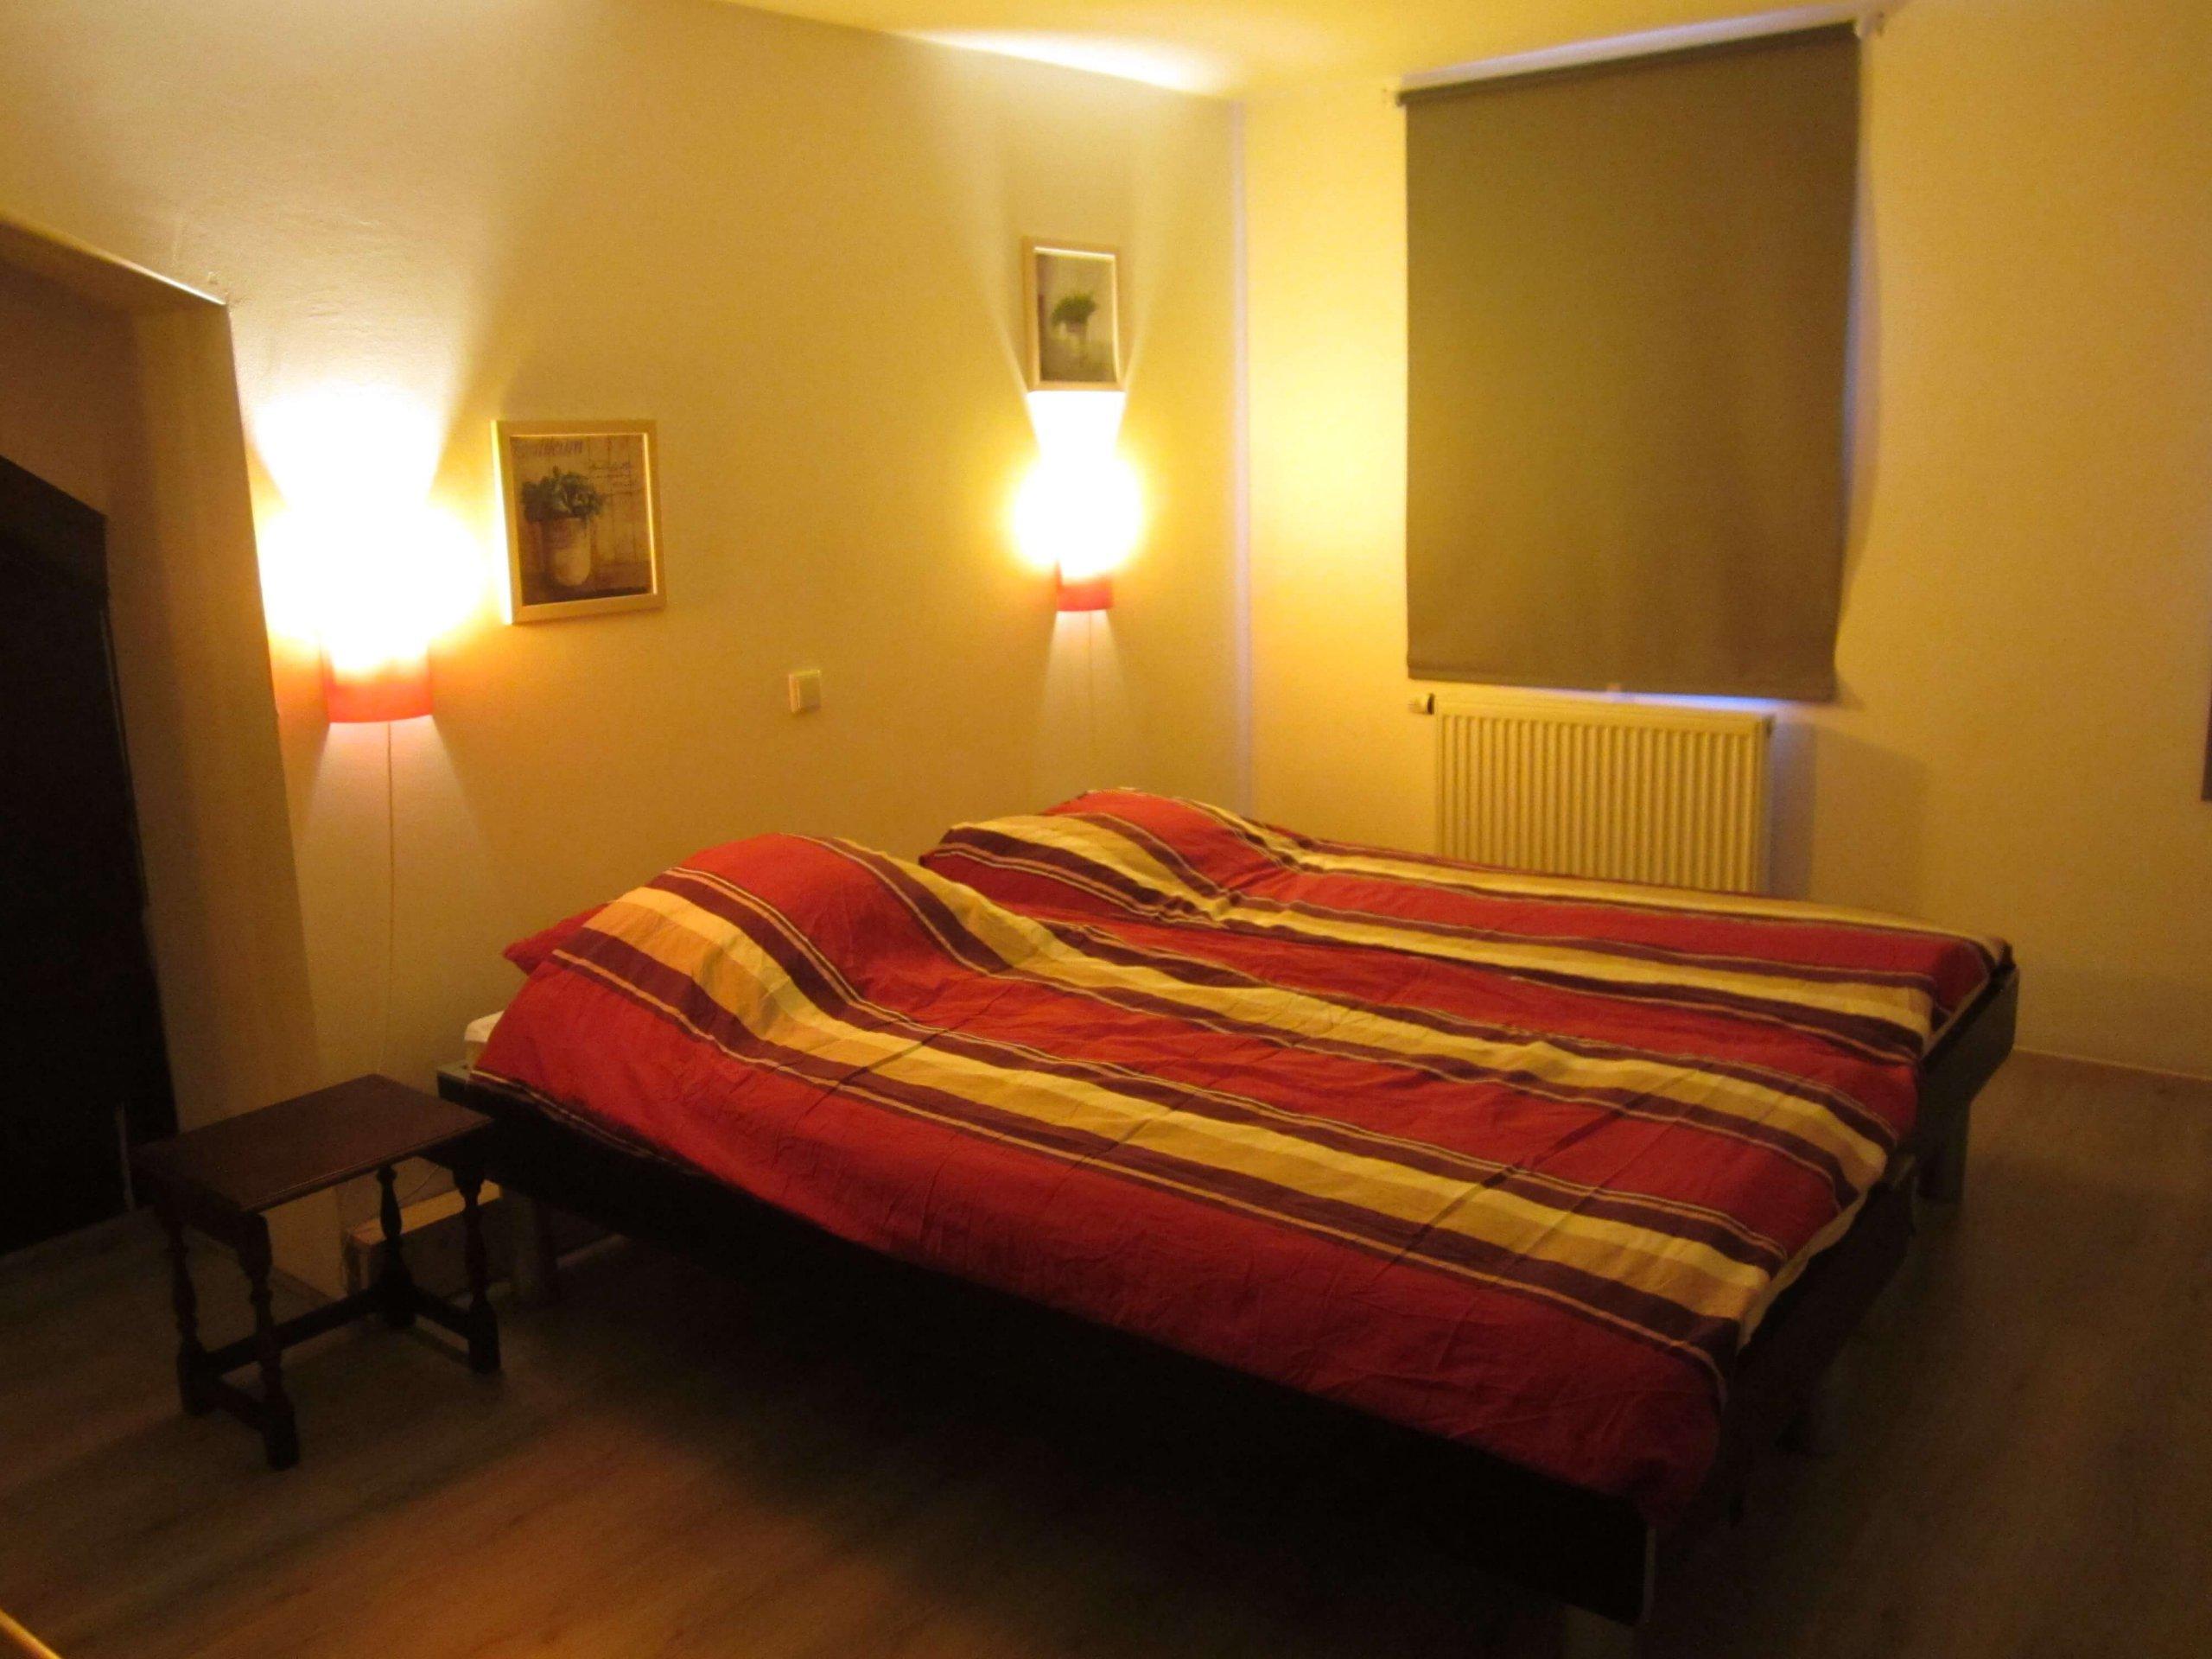 2e etage|groot-vakantiehuis.com